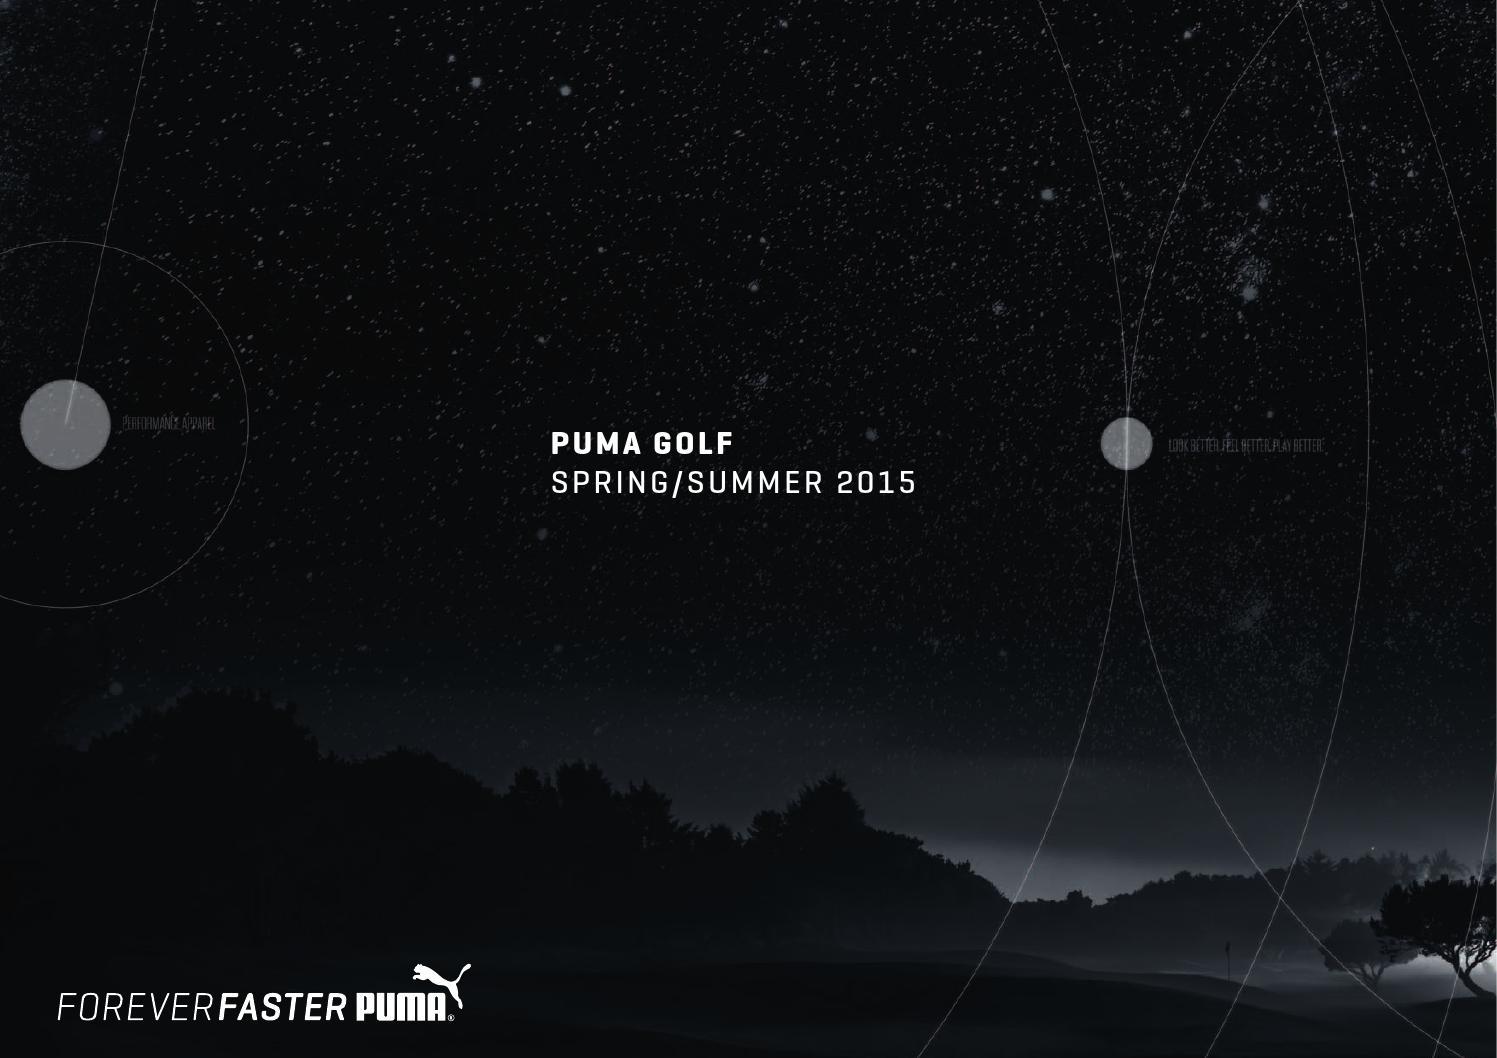 06cd85851ae PUMA Golf Spring Summer 2015 by Antonio Burzio - issuu